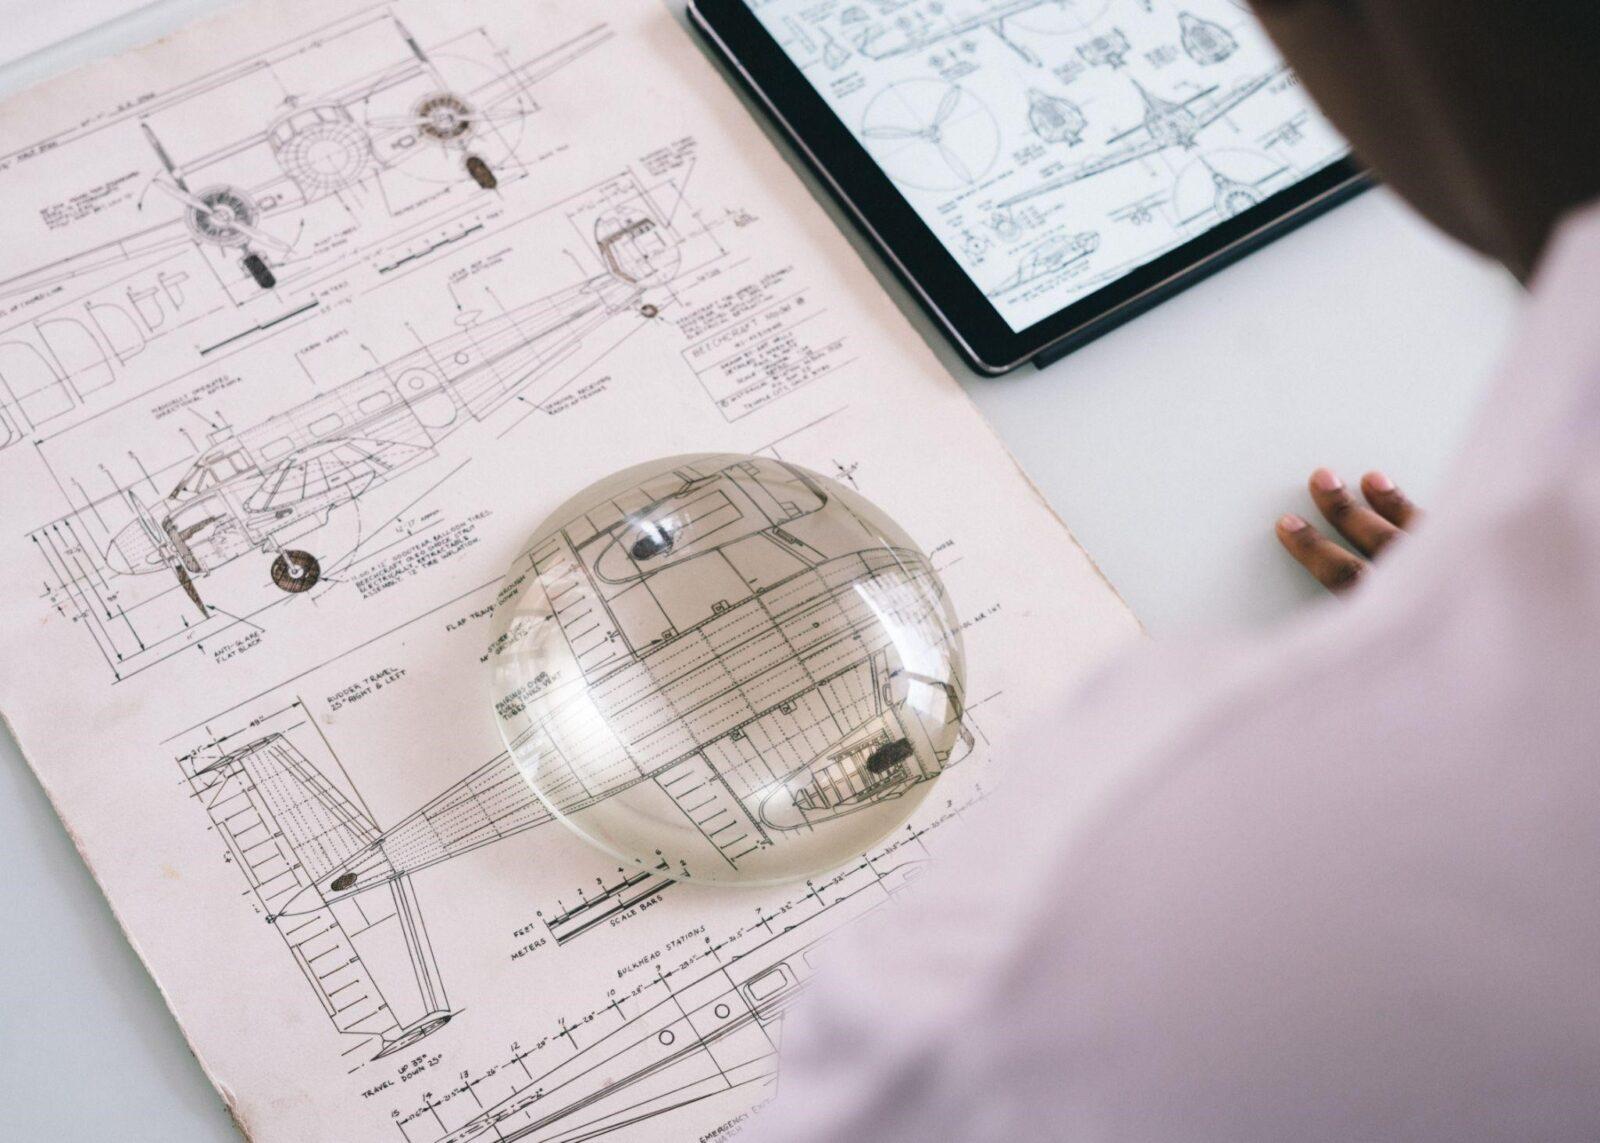 A mechanical engineer making a 3D CAD Design